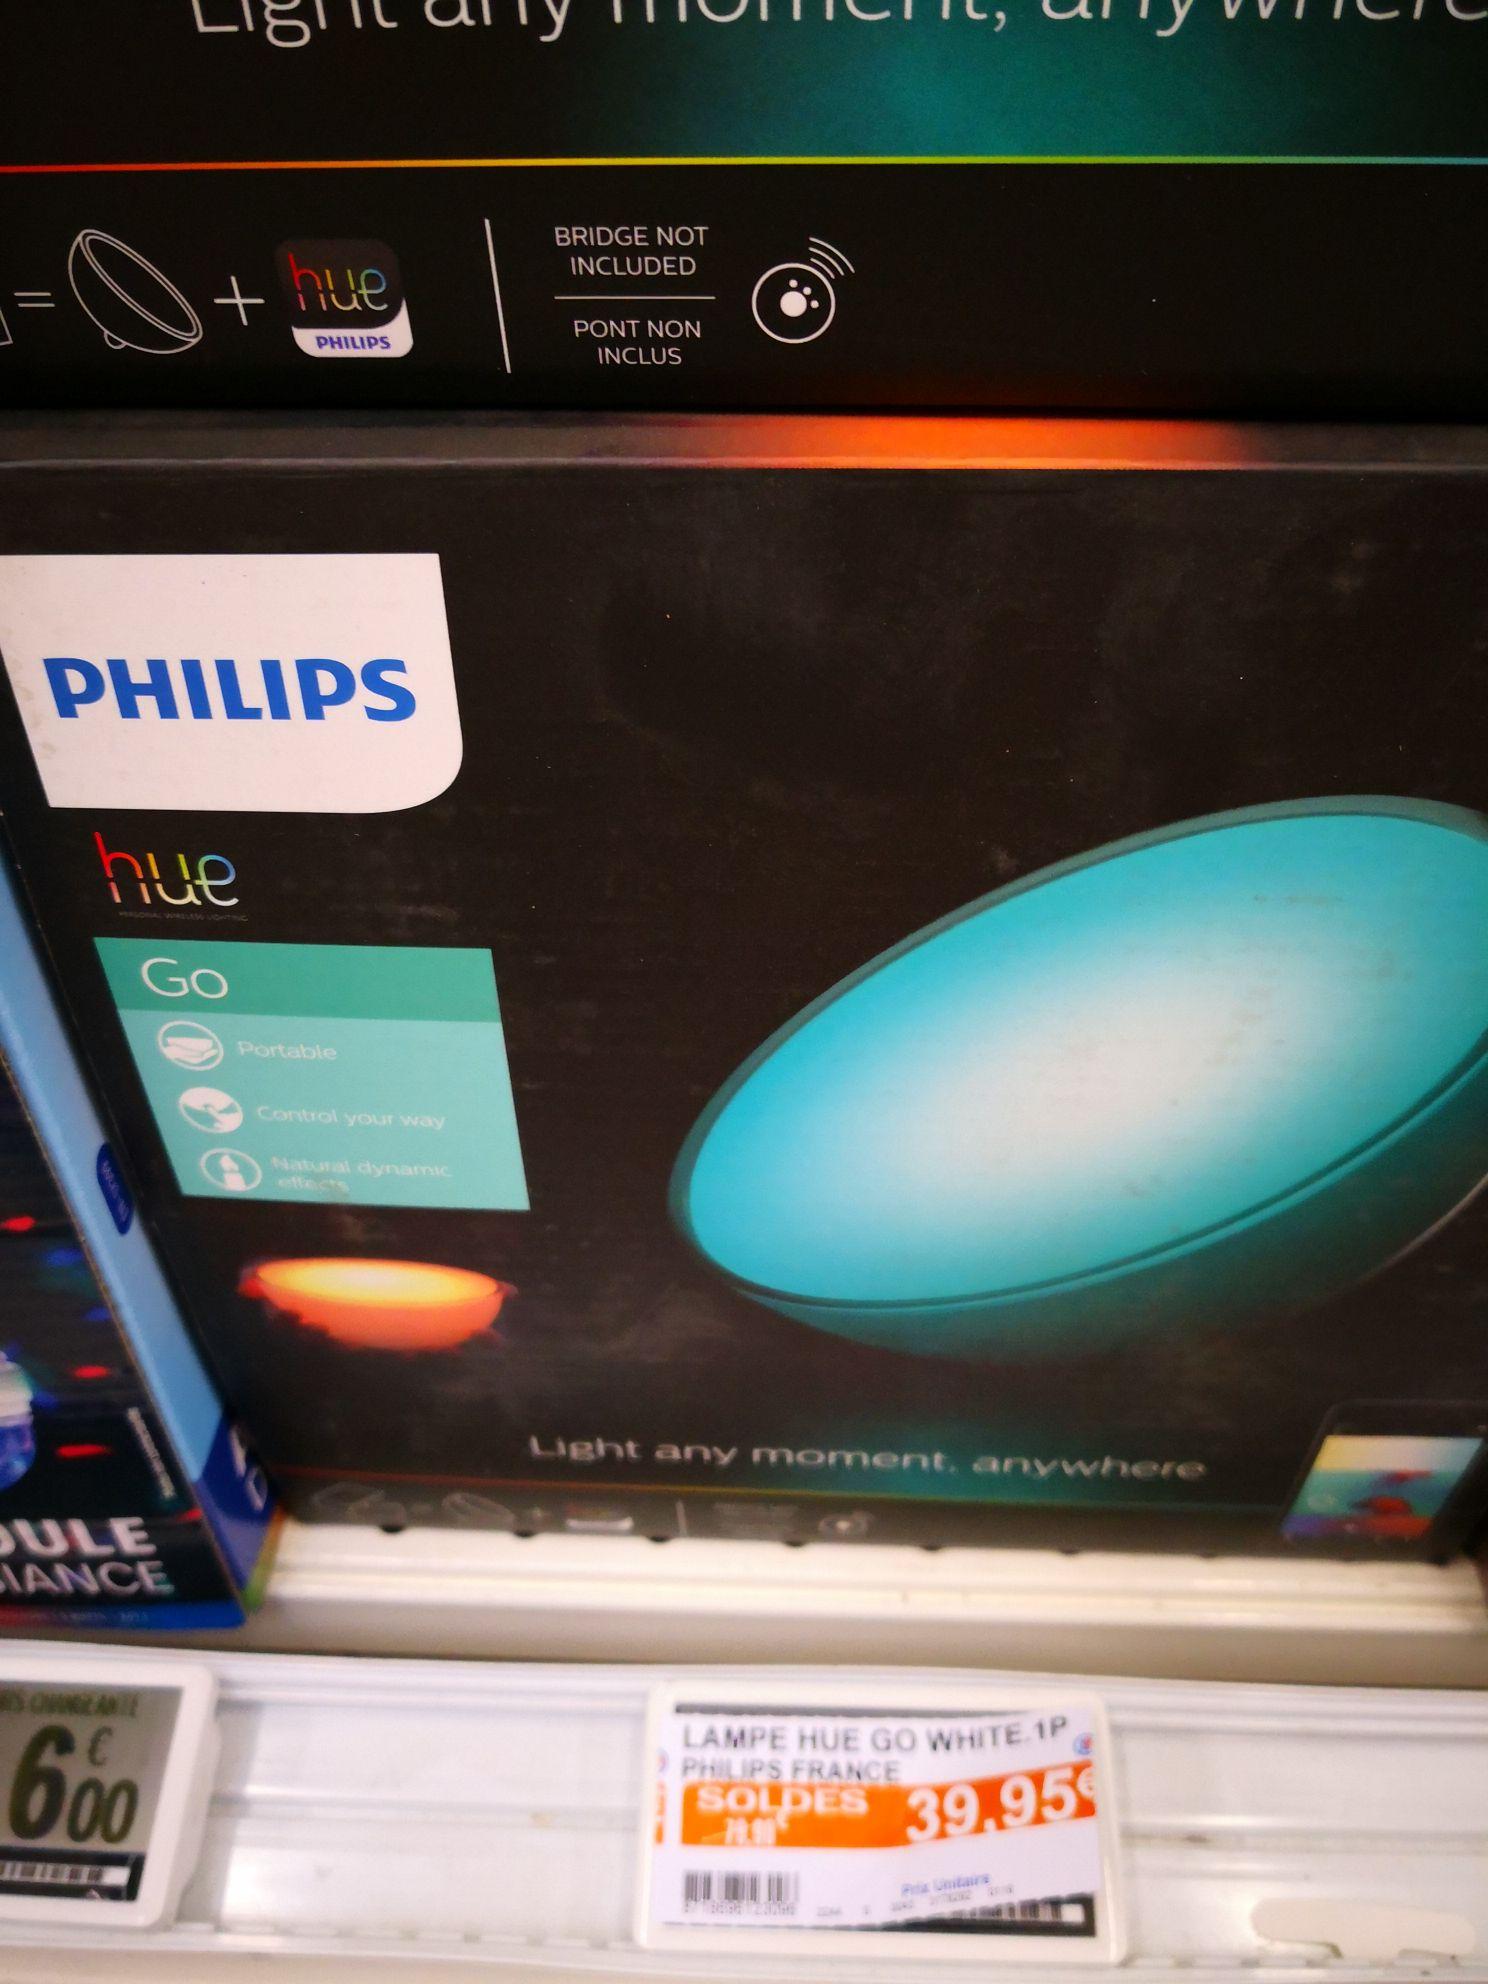 Sélection de produits Philips HUE en promotion - Ex : Philips Hue Go - Saint-Herblain (44)